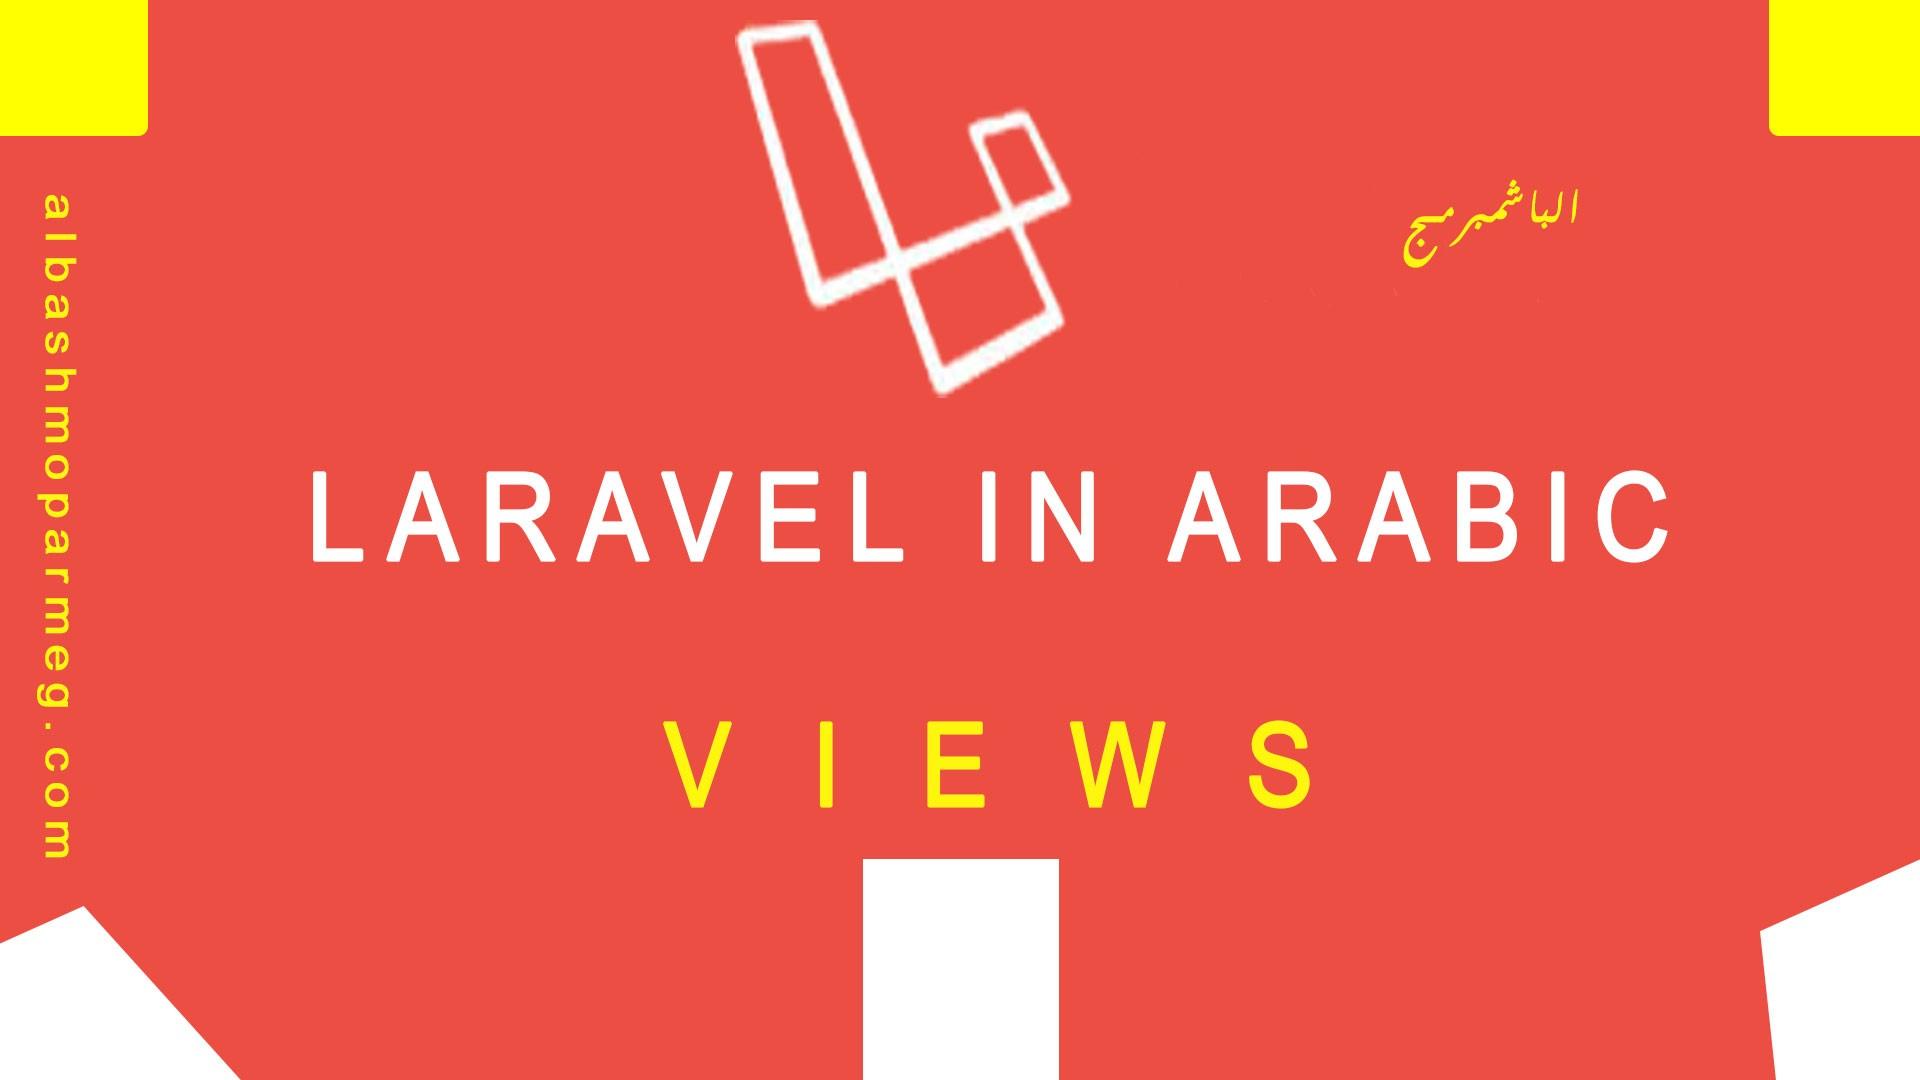 laravel views